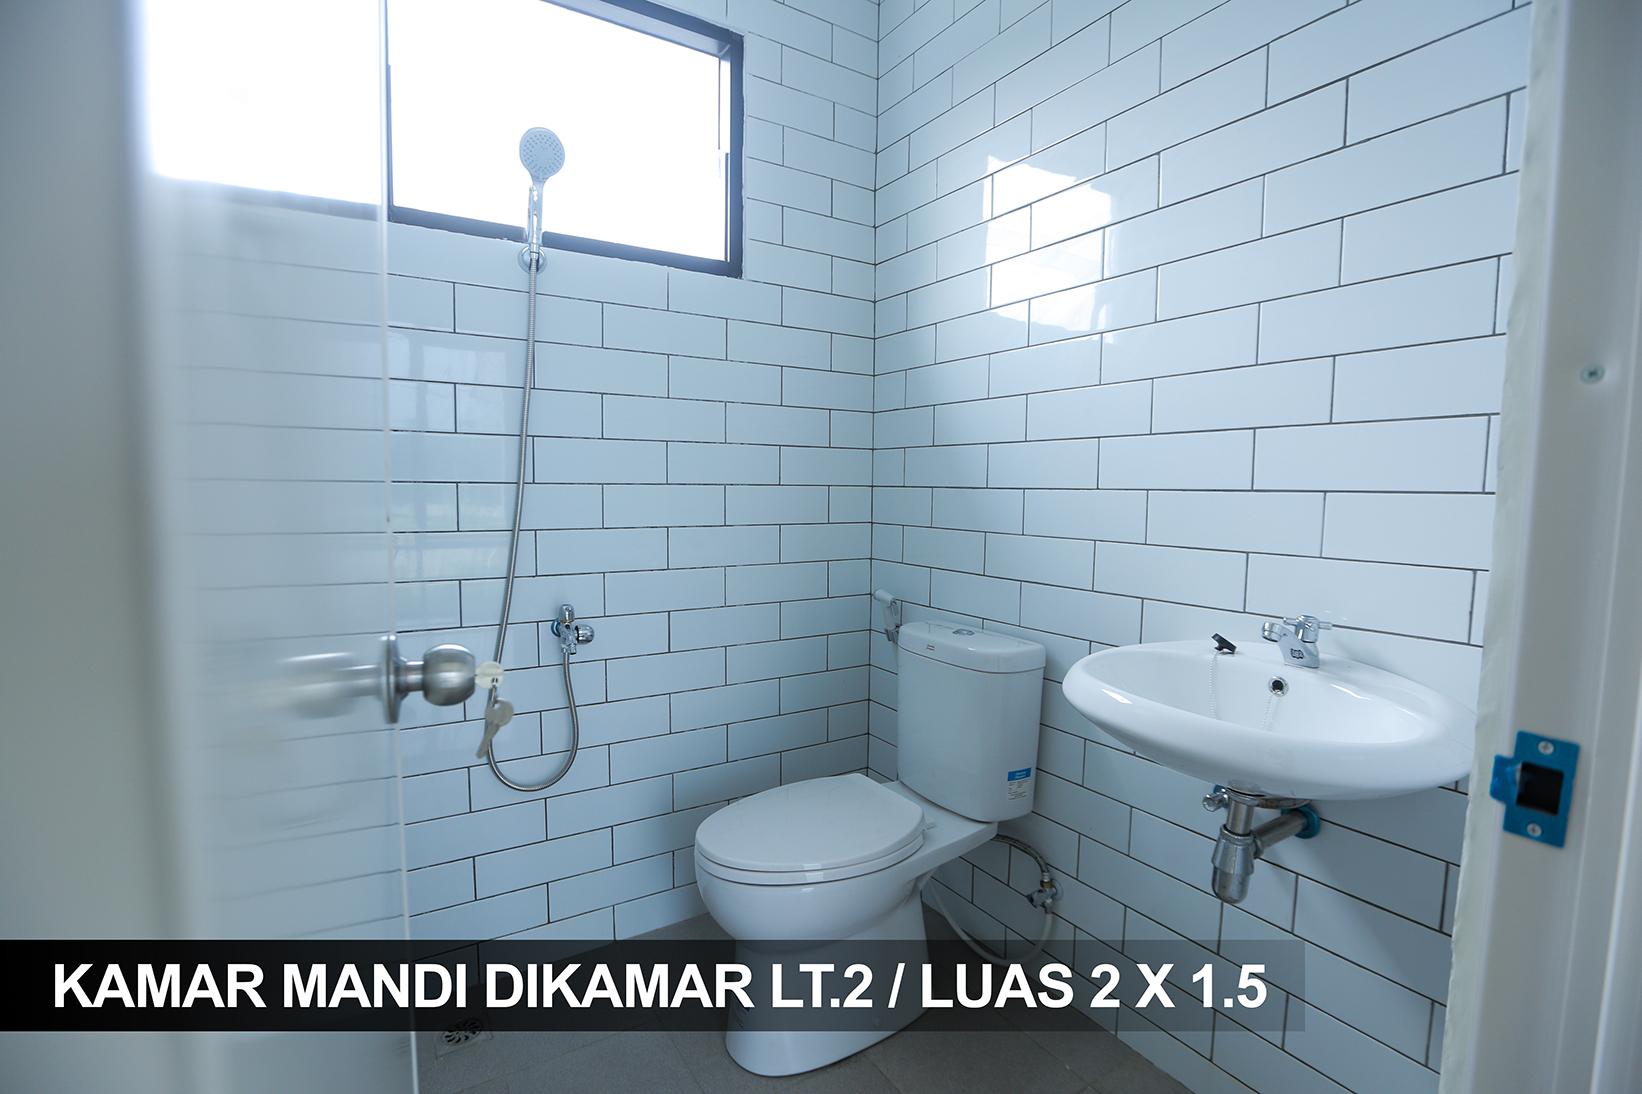 KAMAR MANDI DIKAMAR LT.2